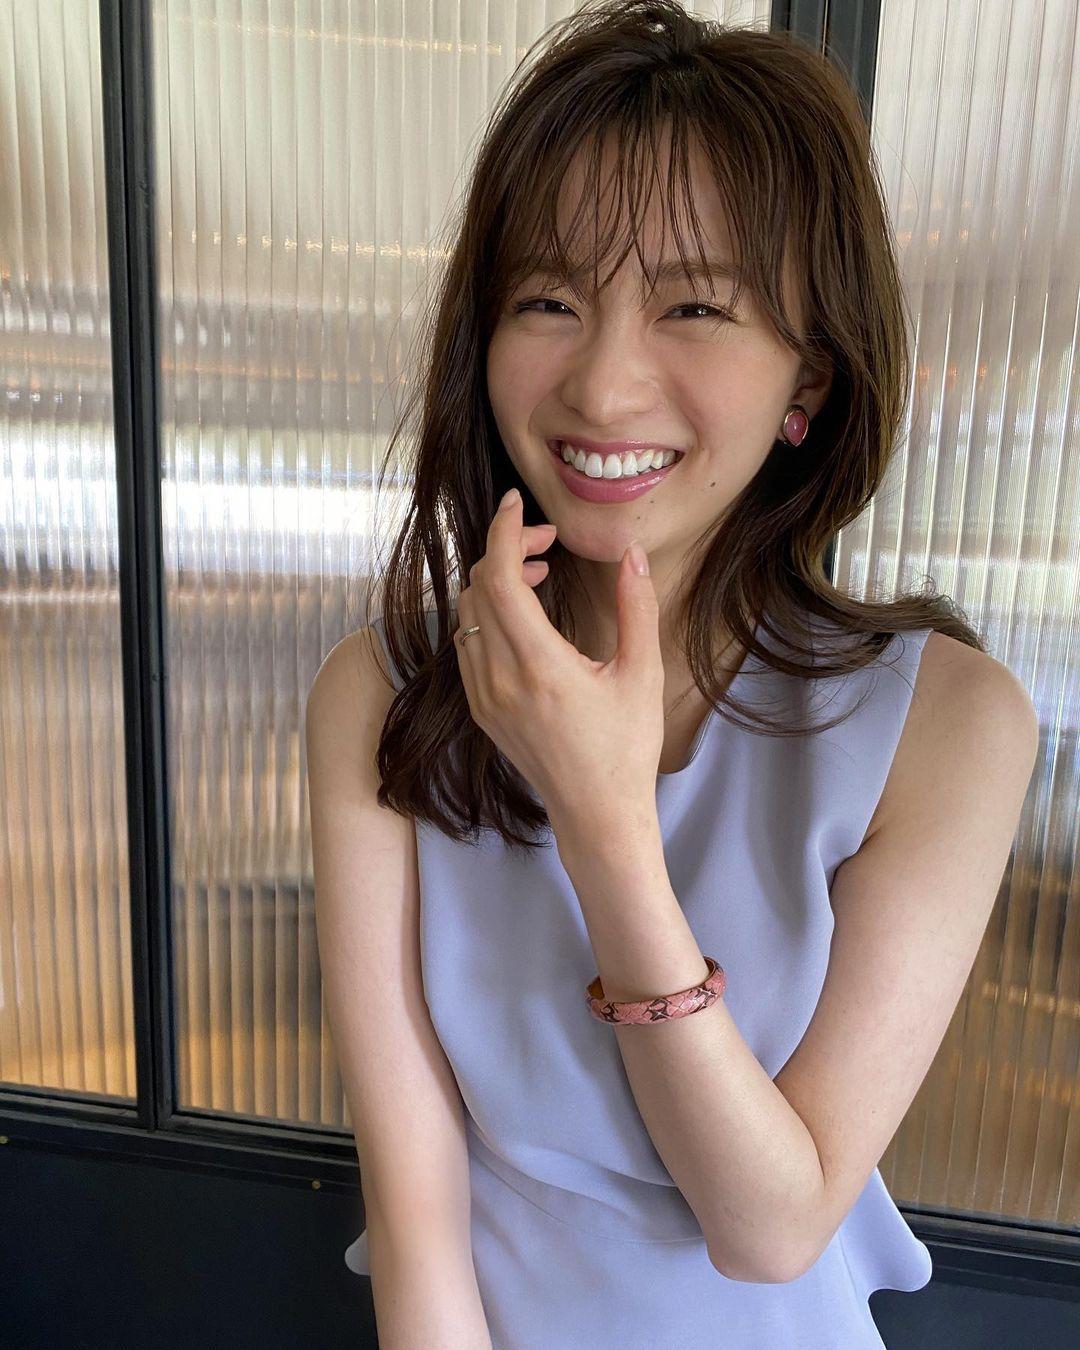 日系时尚杂志模特冈崎纱绘清甜笑容亲和力十足完全就是女友理想型 网络美女 第17张